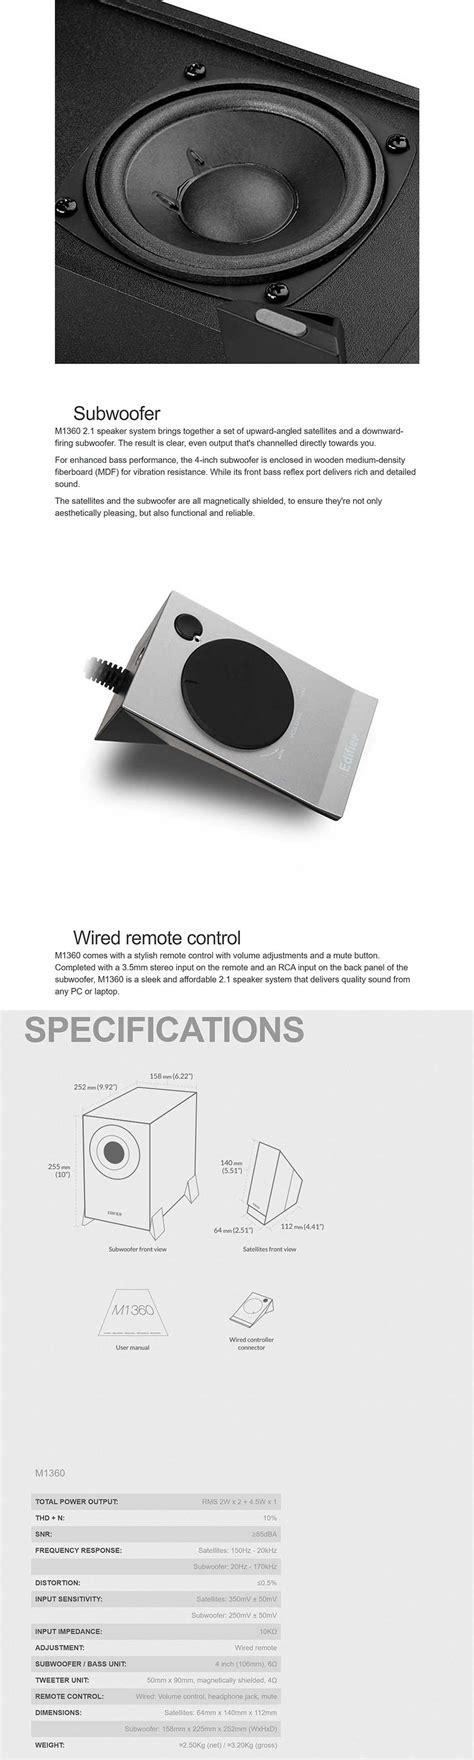 Edifier M1360 8 5w Rms edifier m1360 2 1 multimedia speakers 8 5w rms aux input